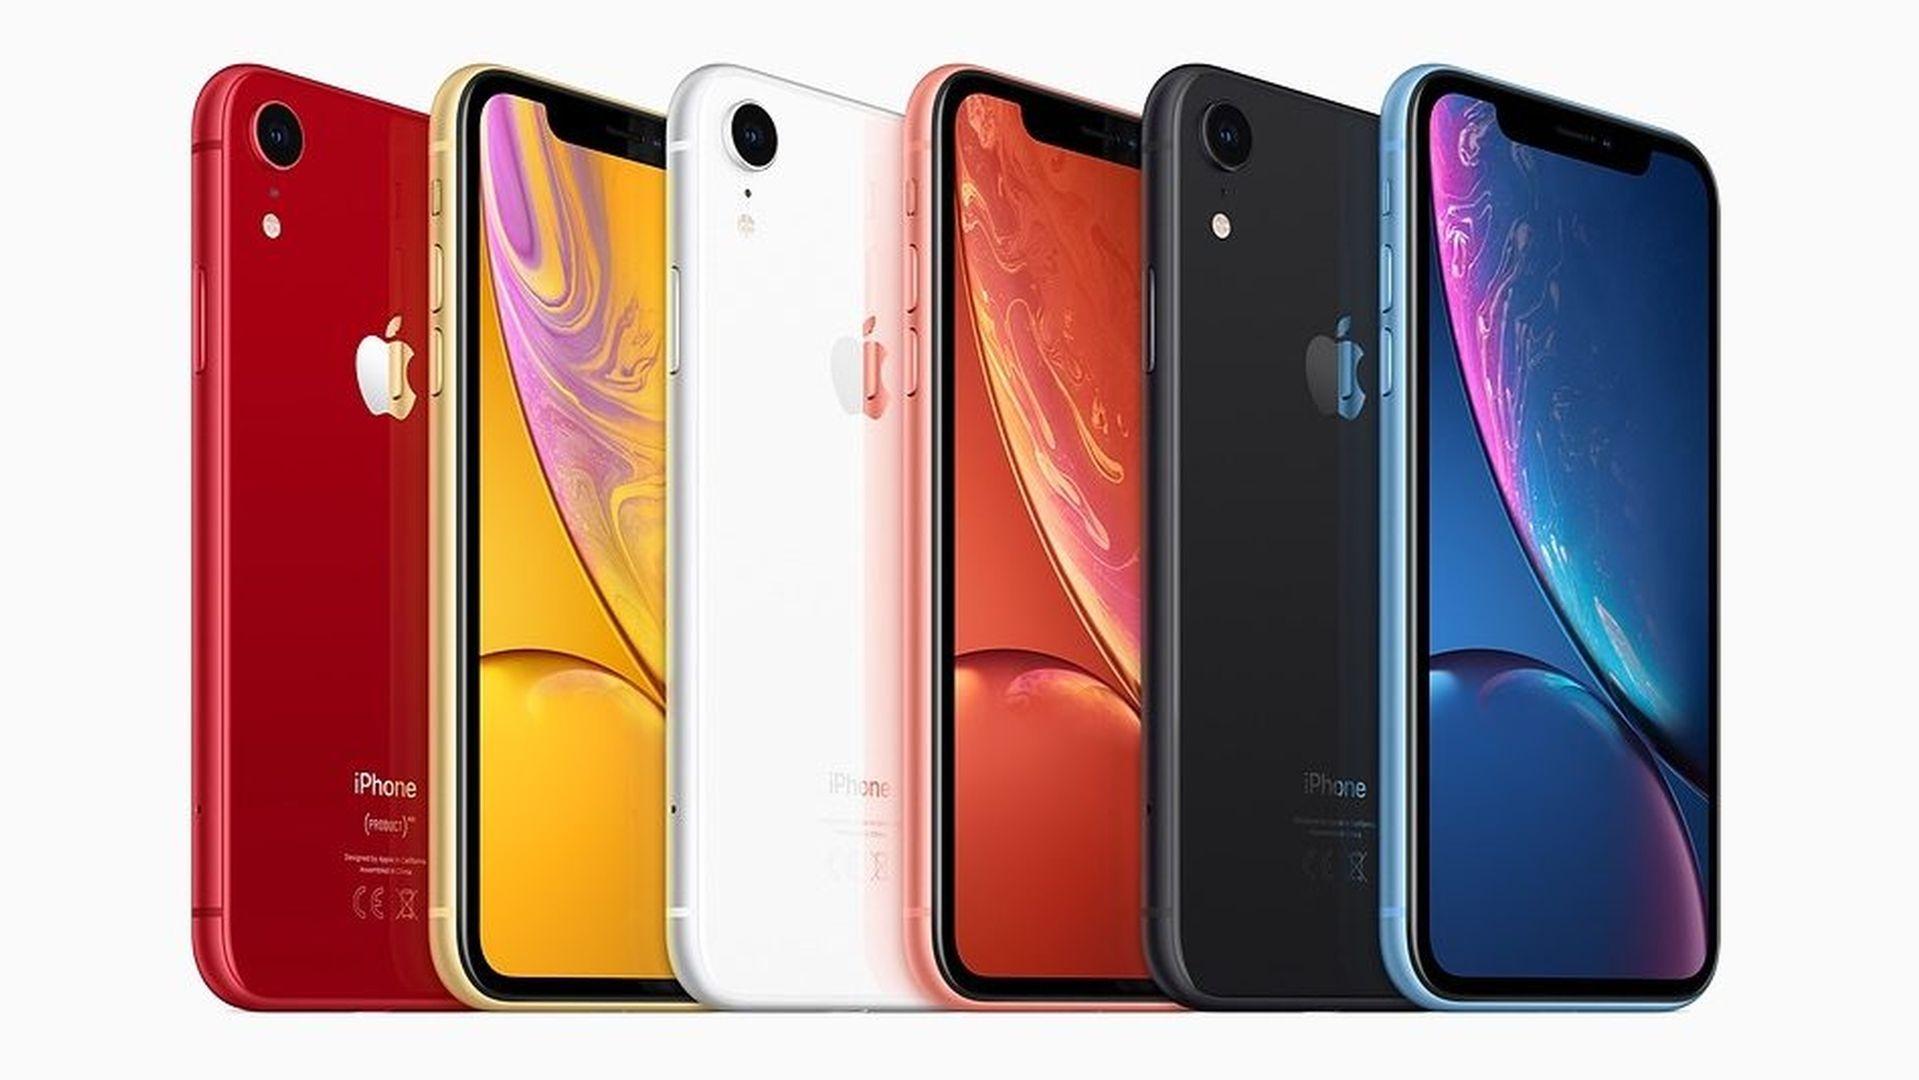 Najlepiej sprzedający się iPhone w drugim kwartale 2019 roku